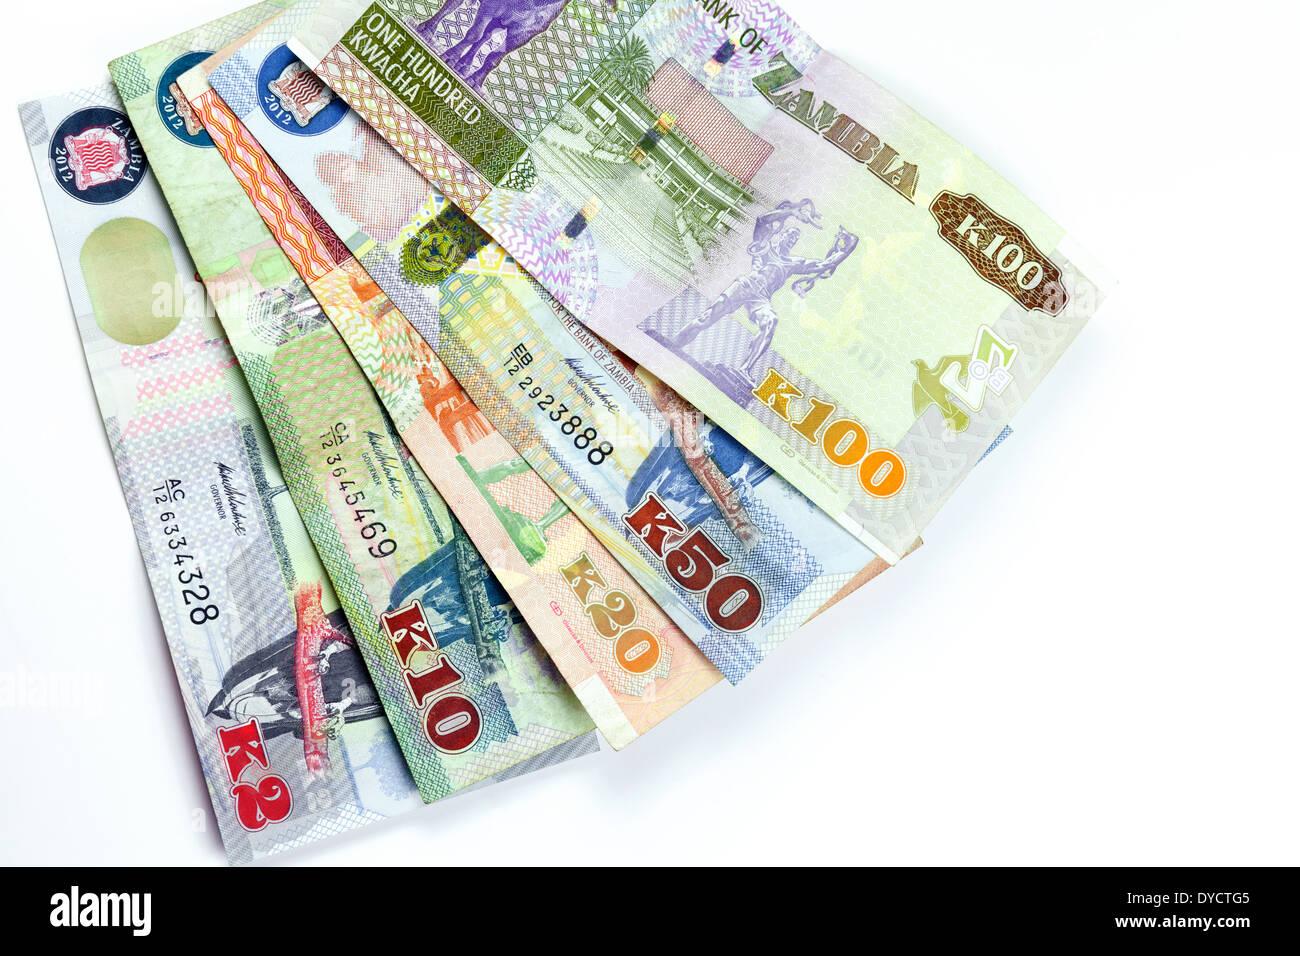 Premier cash advance payday loans image 1